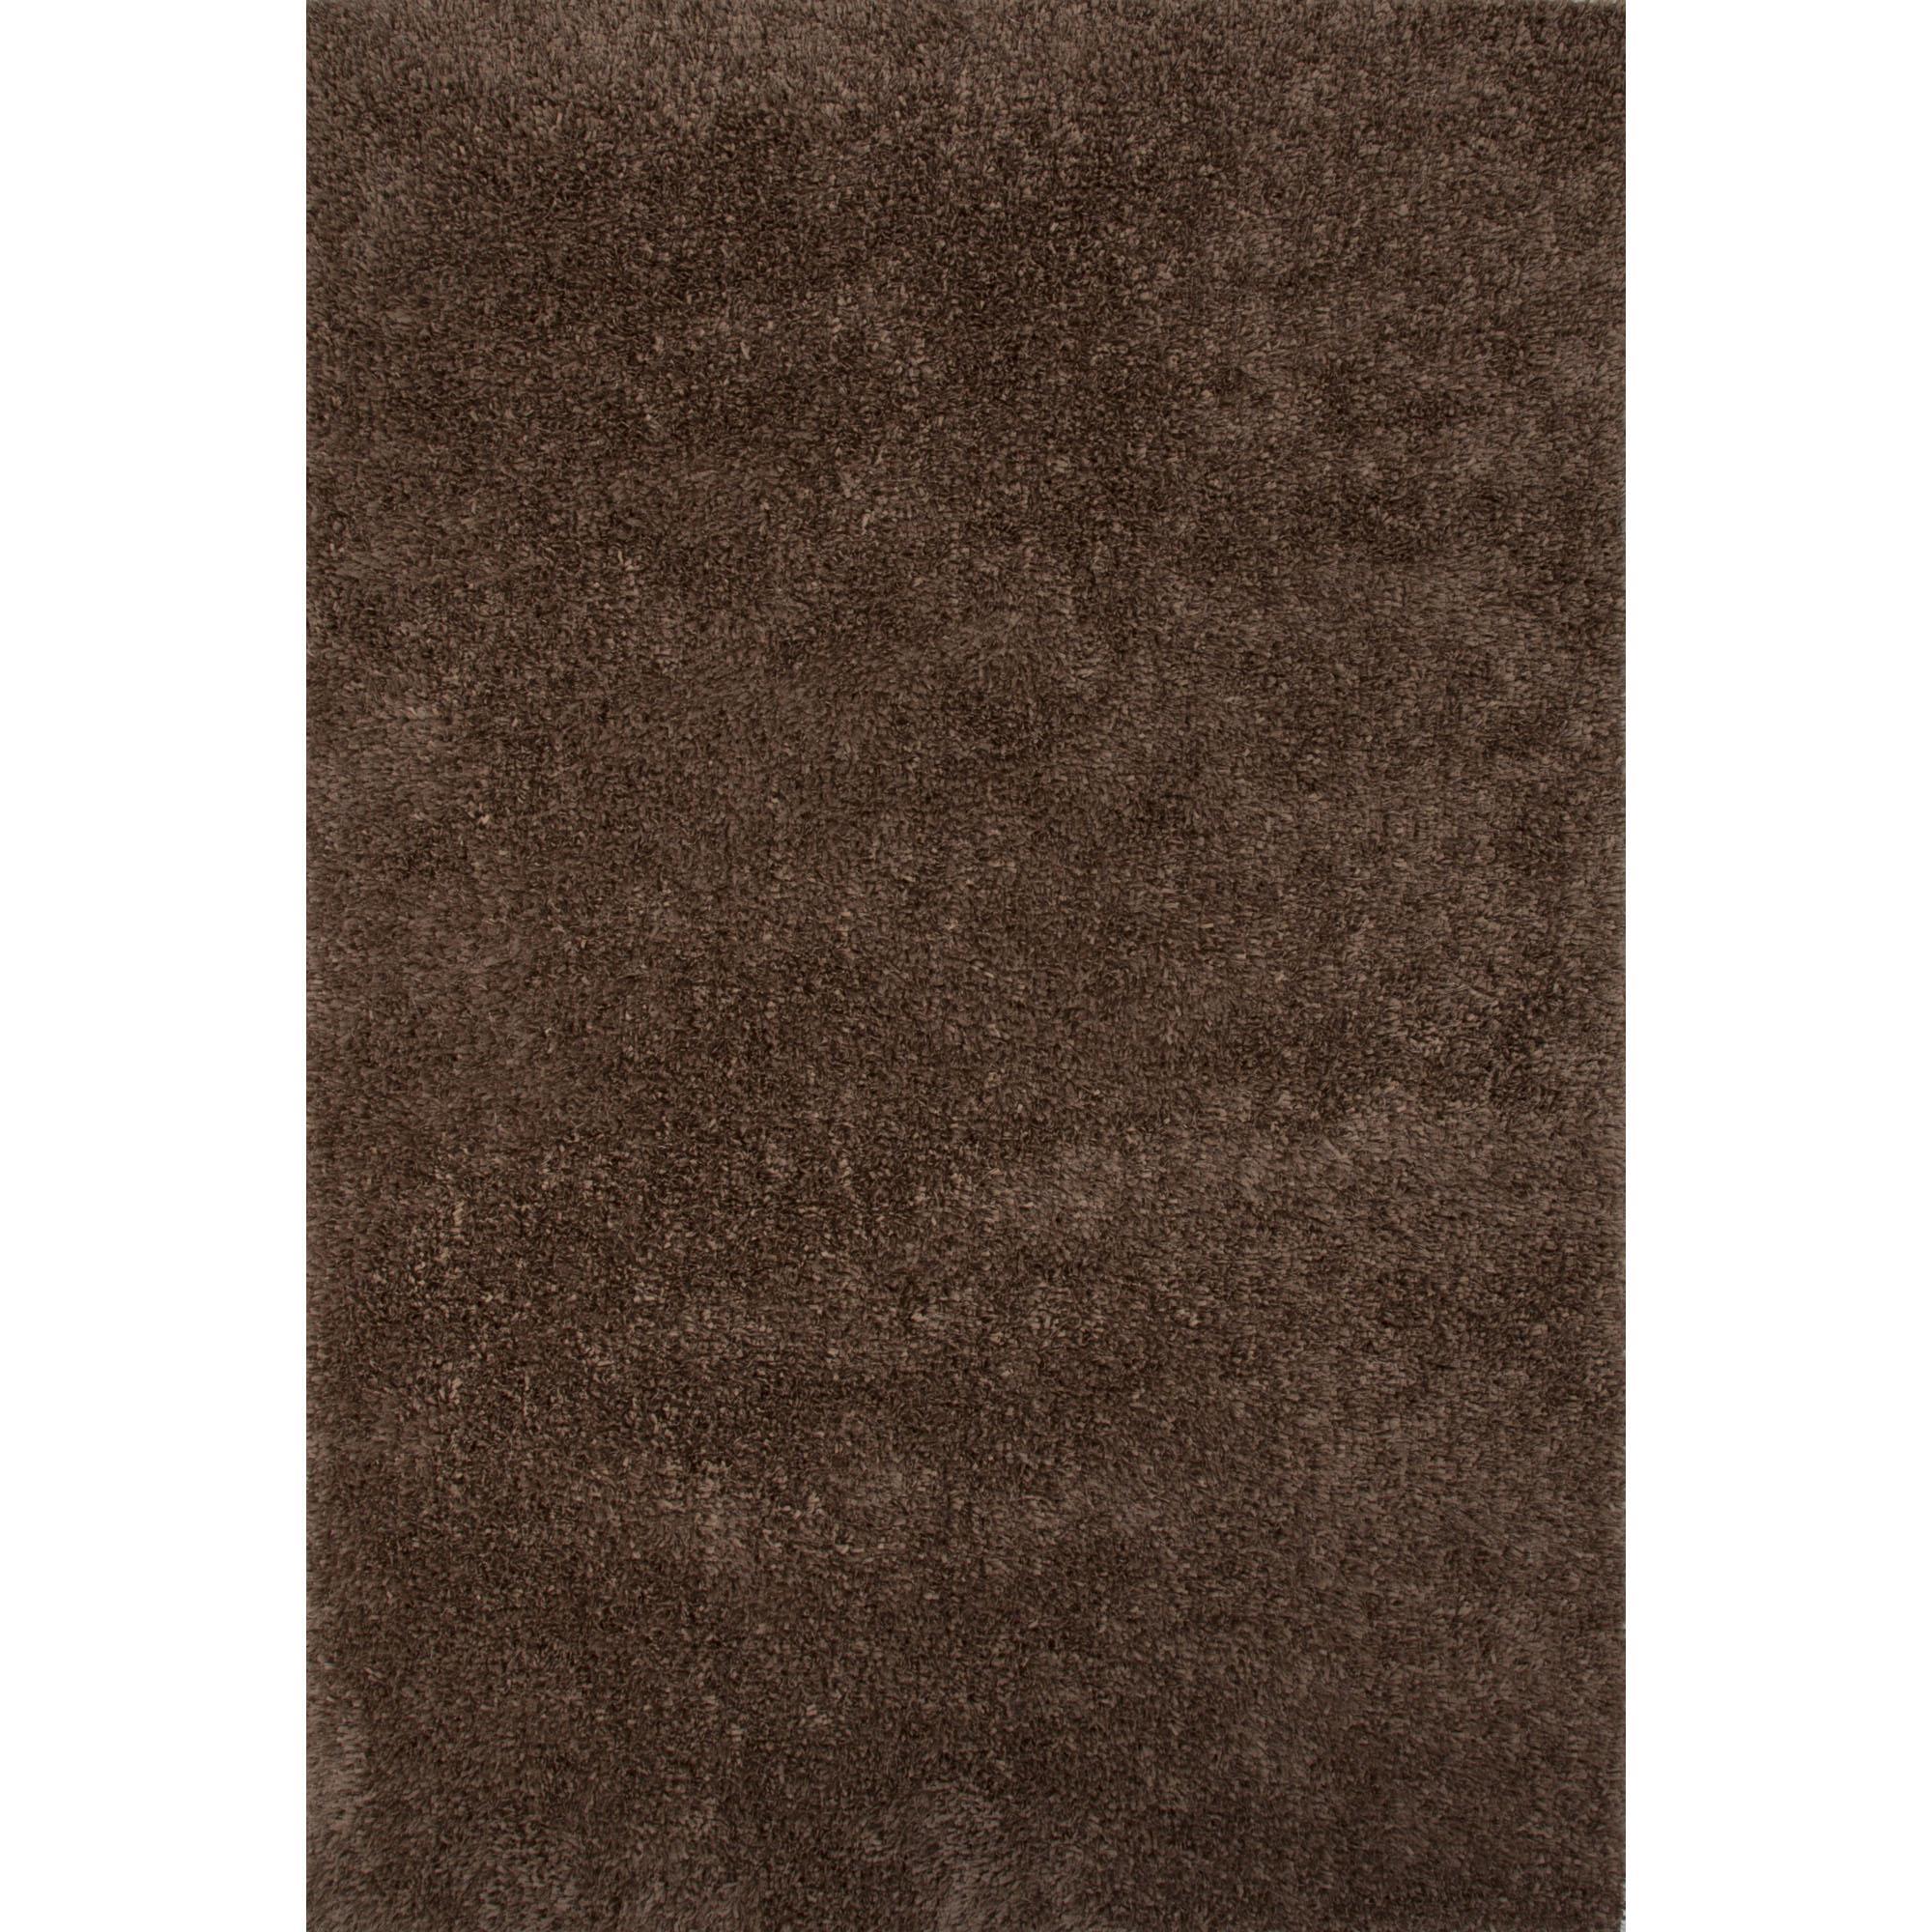 JAIPUR Rugs Cordon 5 x 7.6 Rug - Item Number: RUG123499